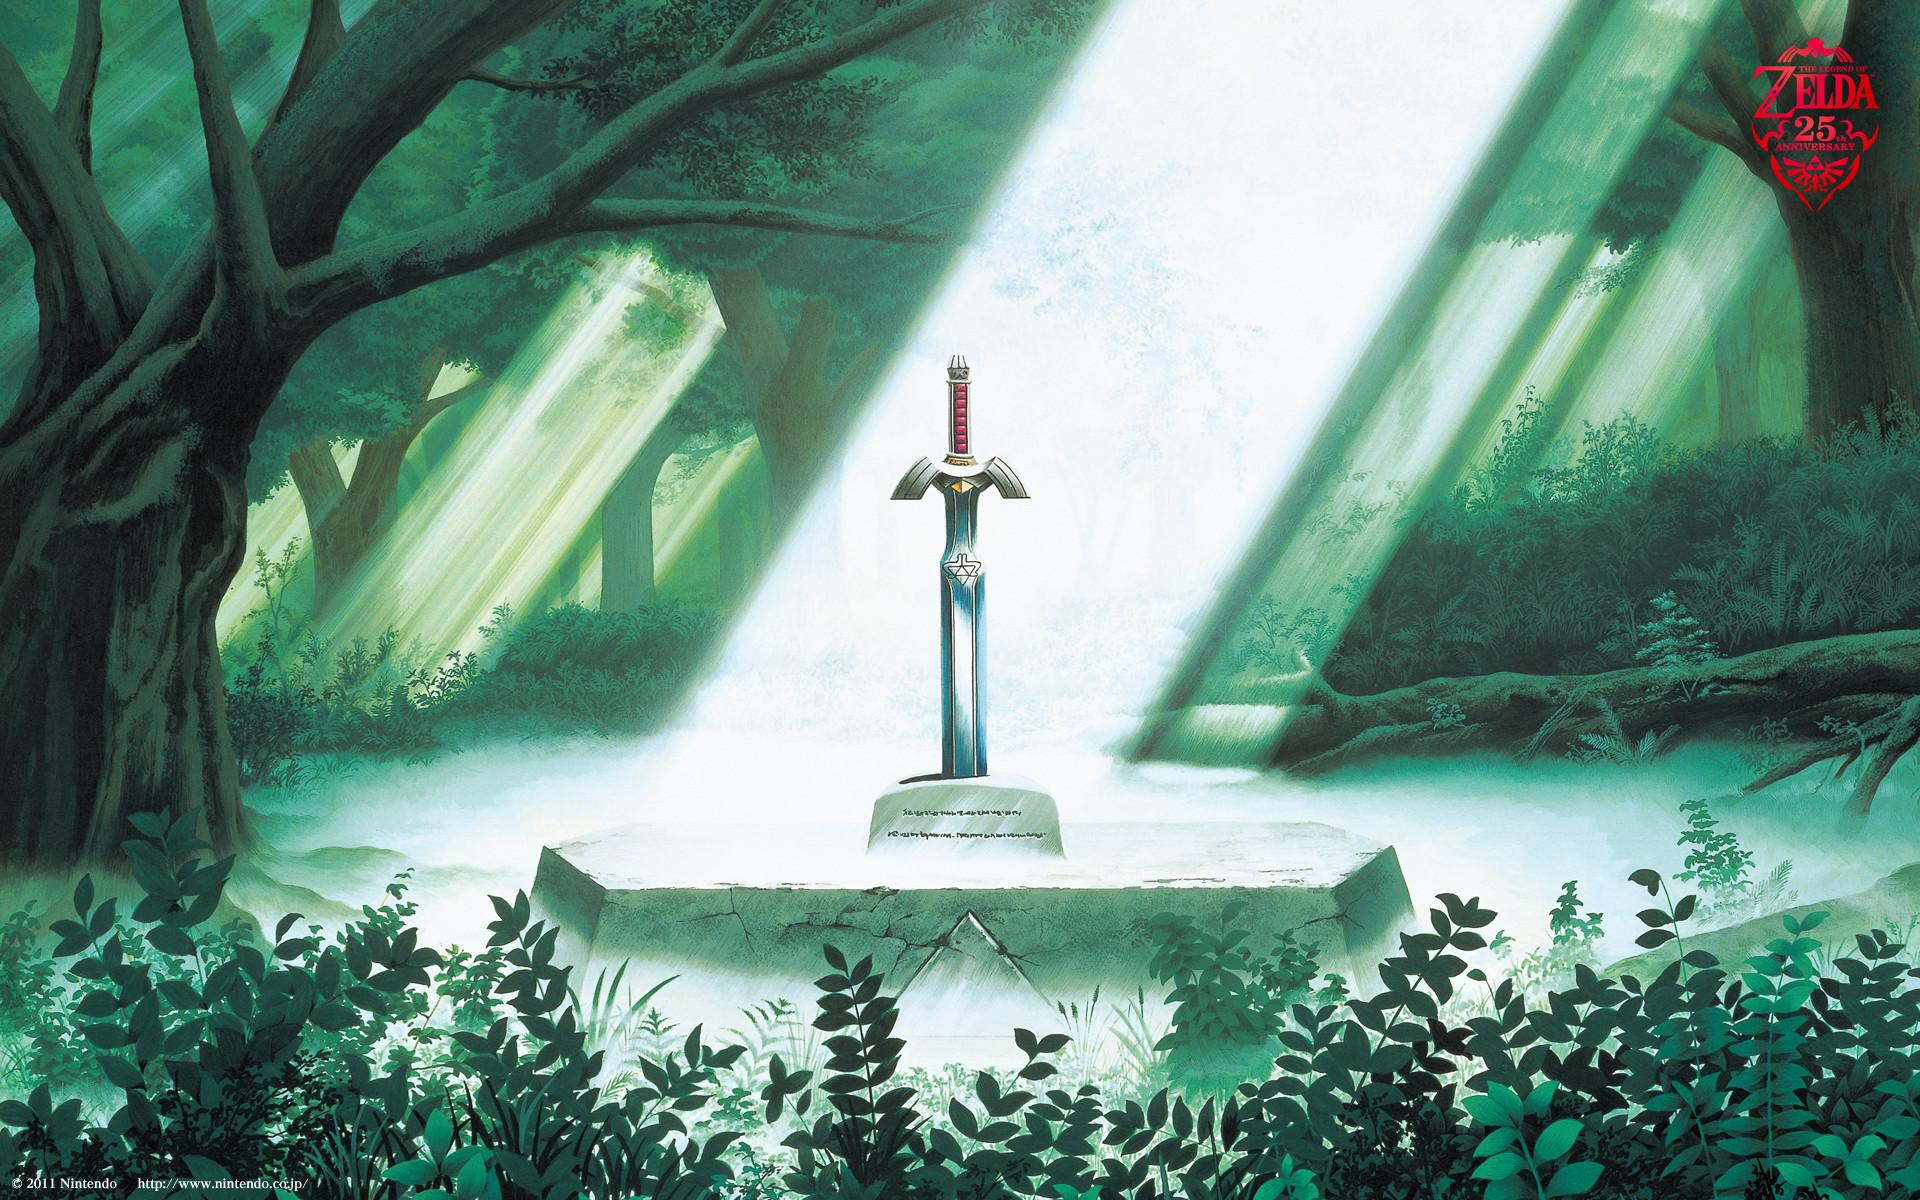 Zelda no Densetsu · download Zelda no Densetsu image